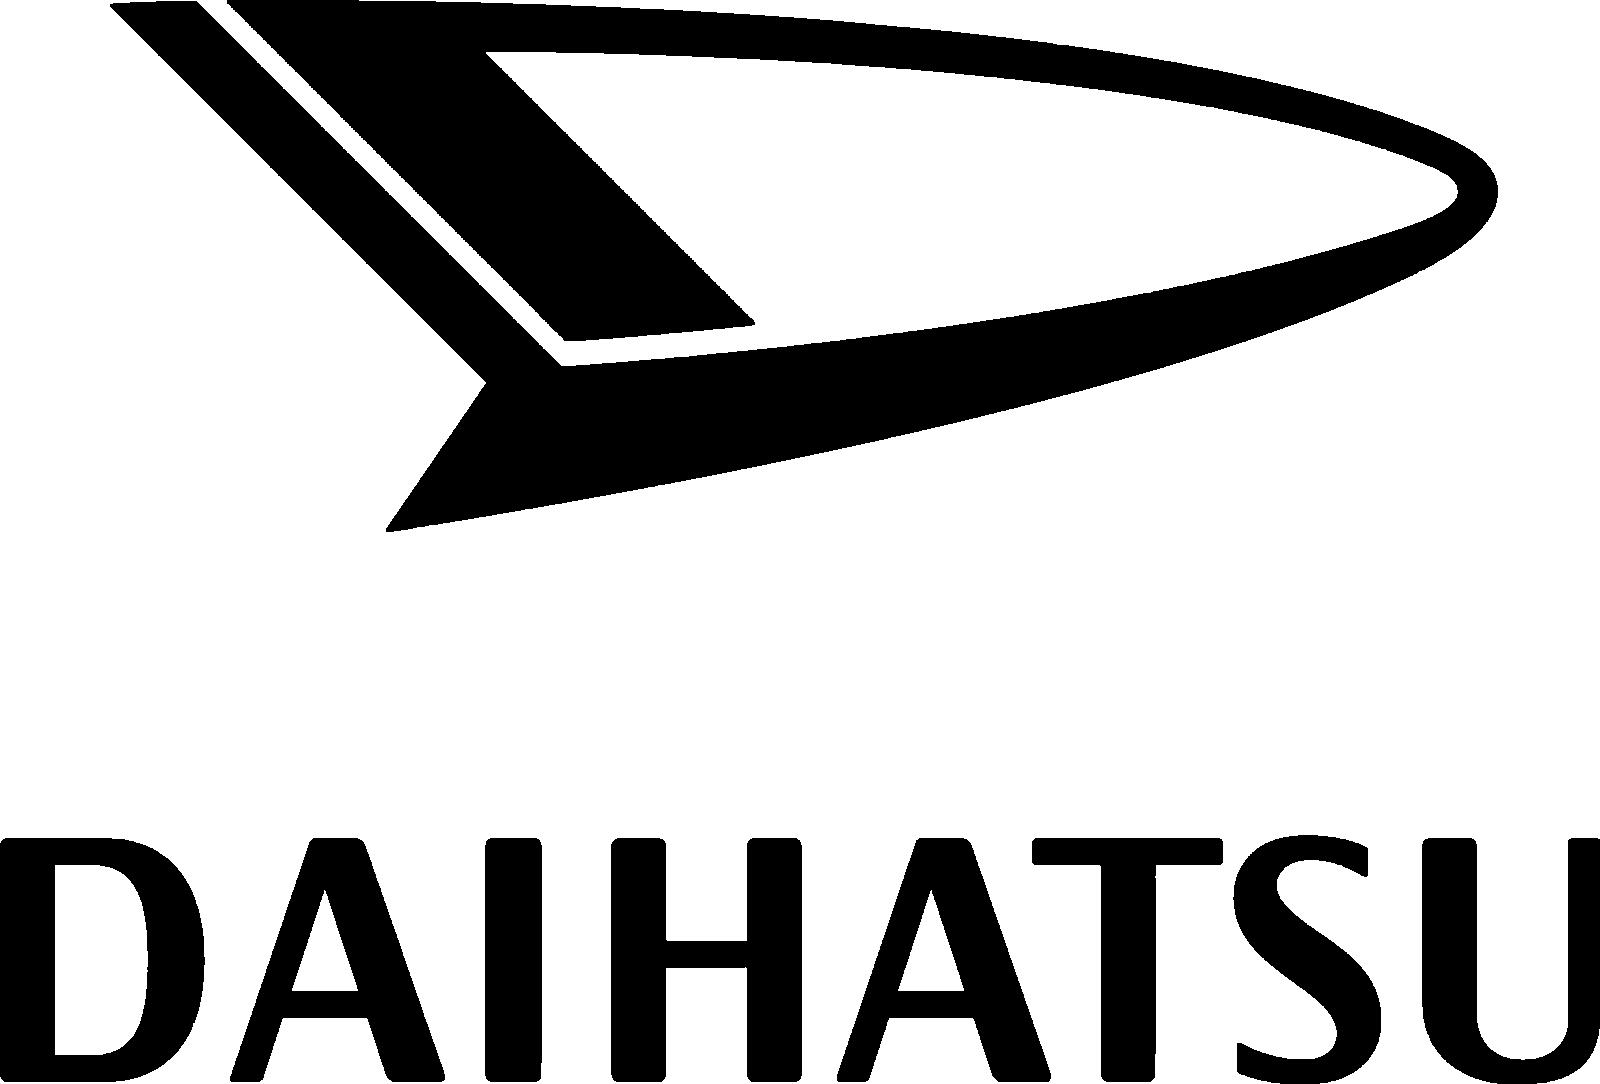 daihatsu logo 1977 black daihatsu logos car logos daihatsu logo 1977 black daihatsu